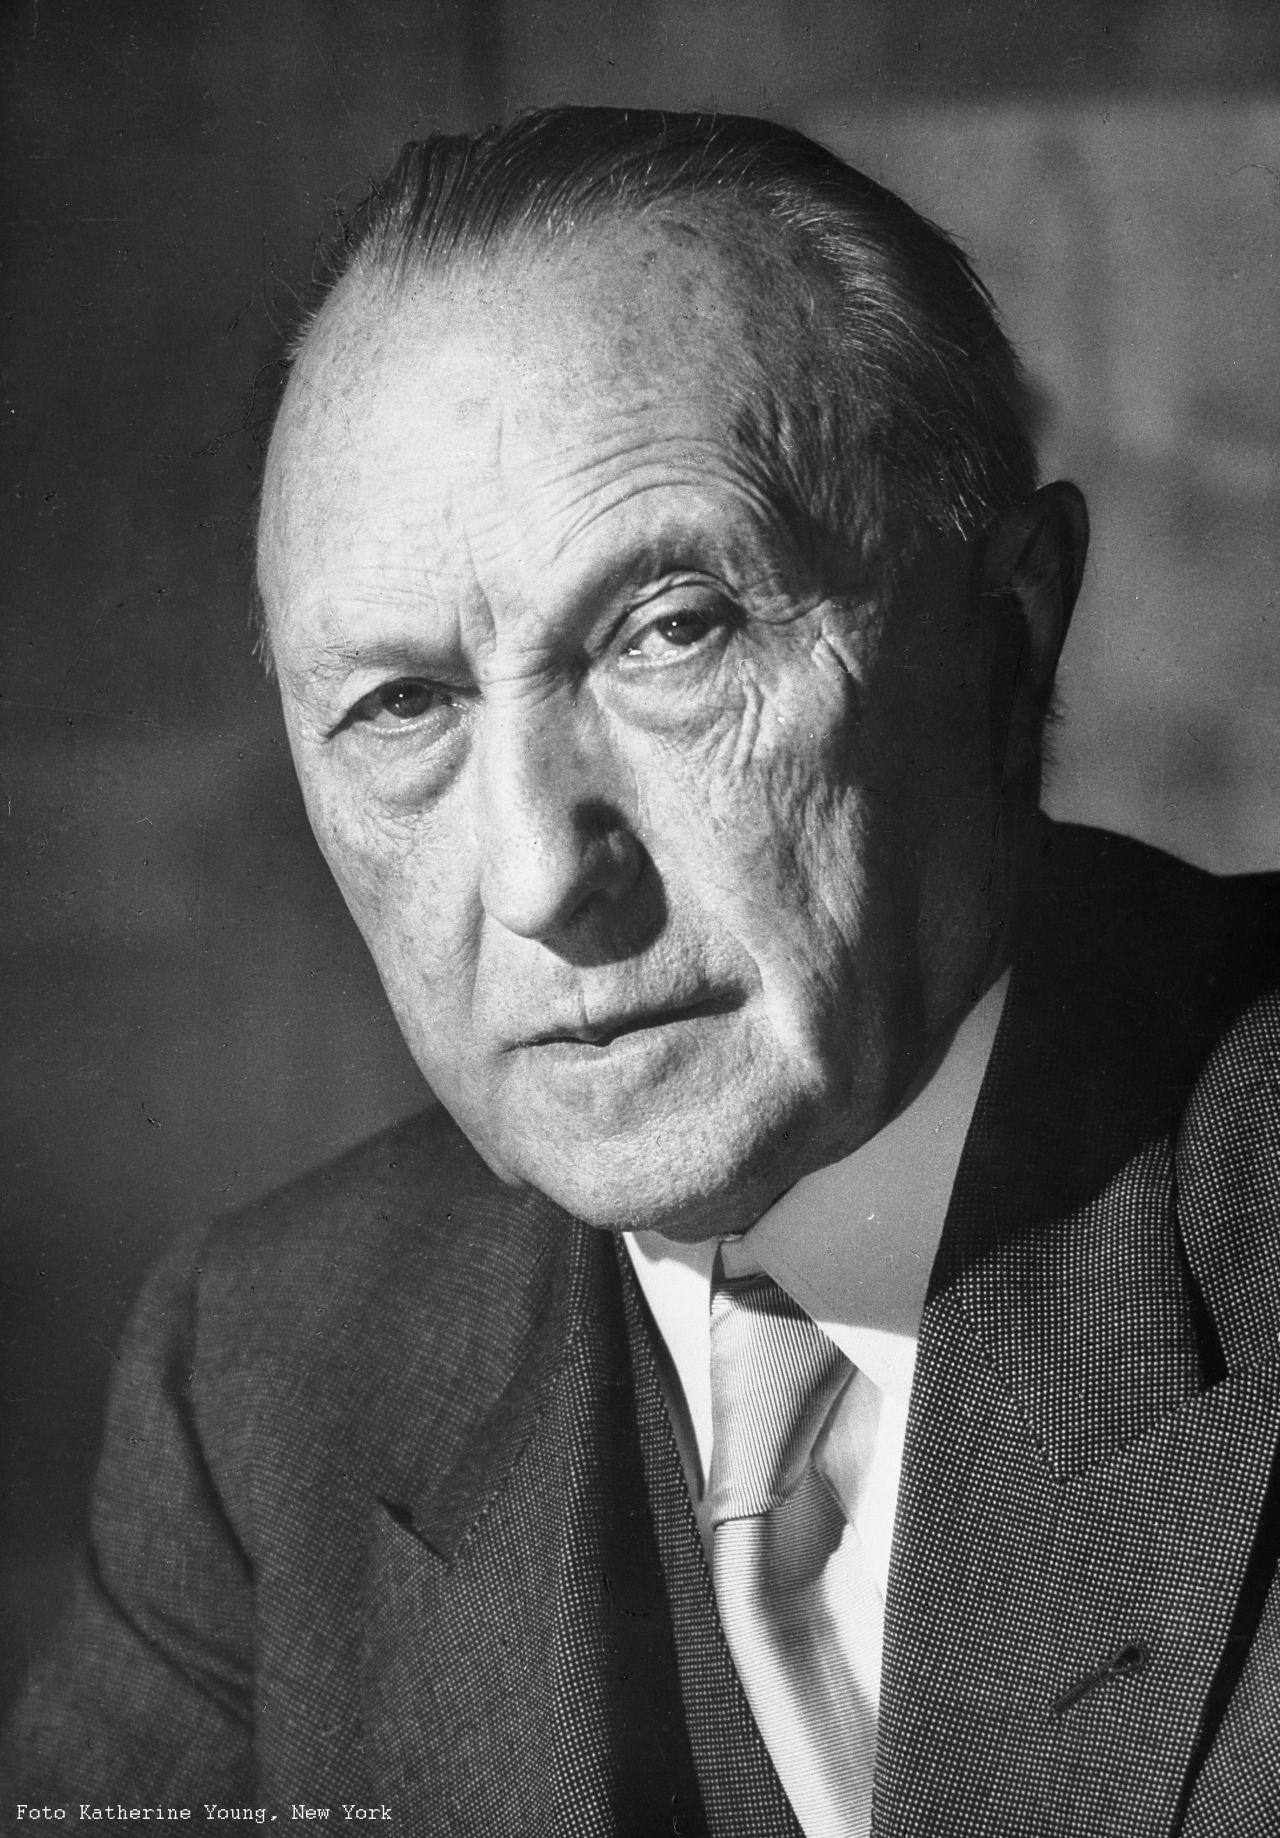 Porträt von Bundeskanzler Dr. Konrad Adenauer, 1952.